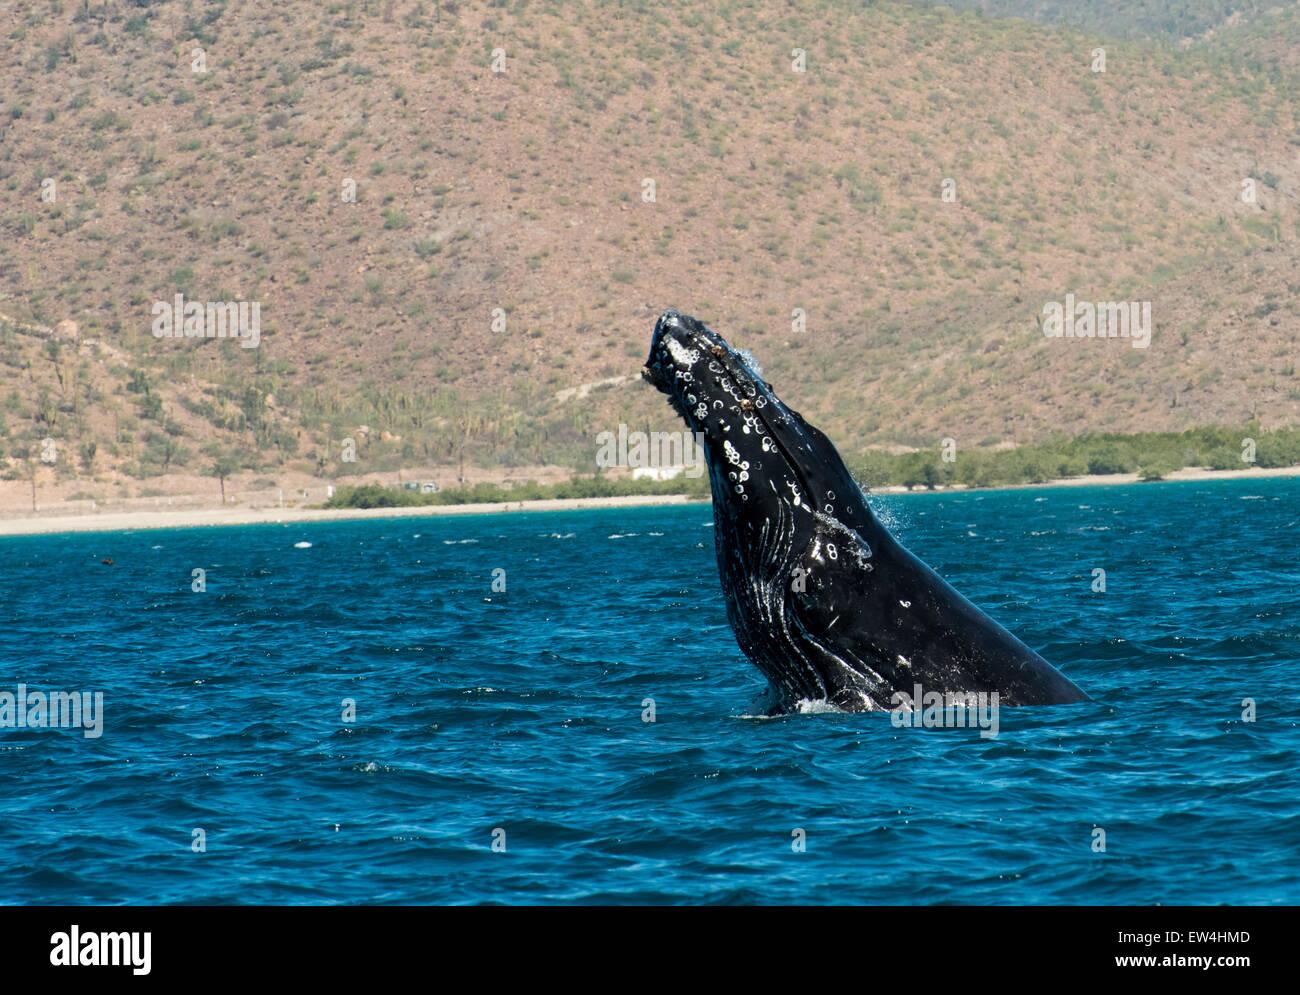 Mexico, Baja, Lapaz, Espiritu Santo. Whale spyhoping. - Stock Image